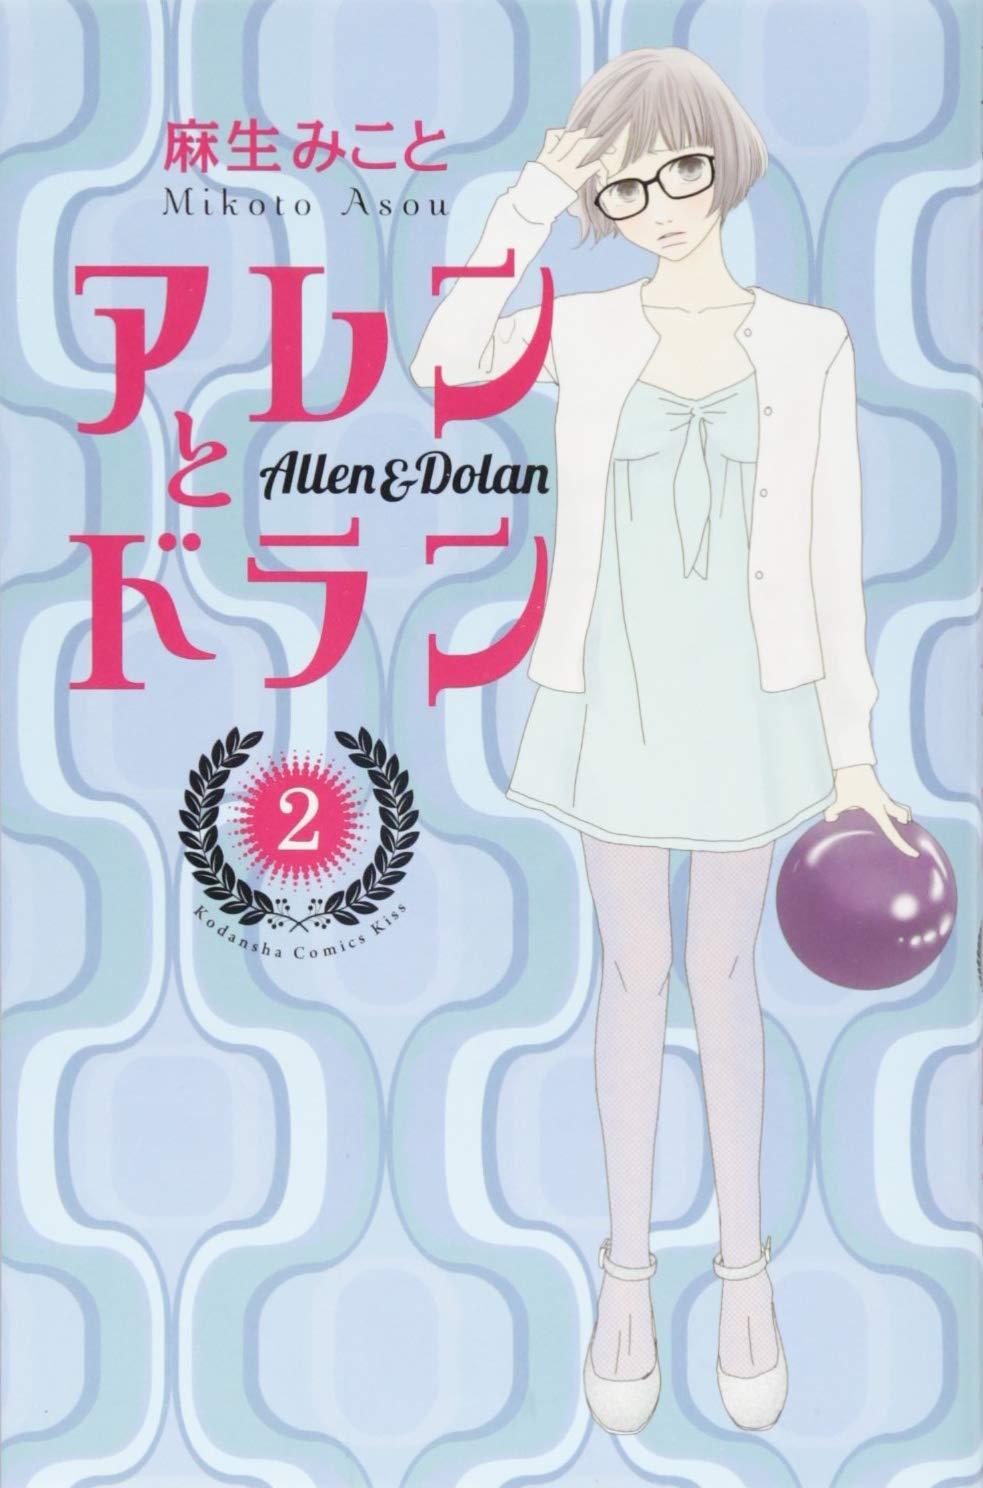 パンサー菅「これは新ジャンル自己啓発少女漫画」見たことないキャラ&予想不可能な物語展開『アレンとドラン』の魅力の画像002